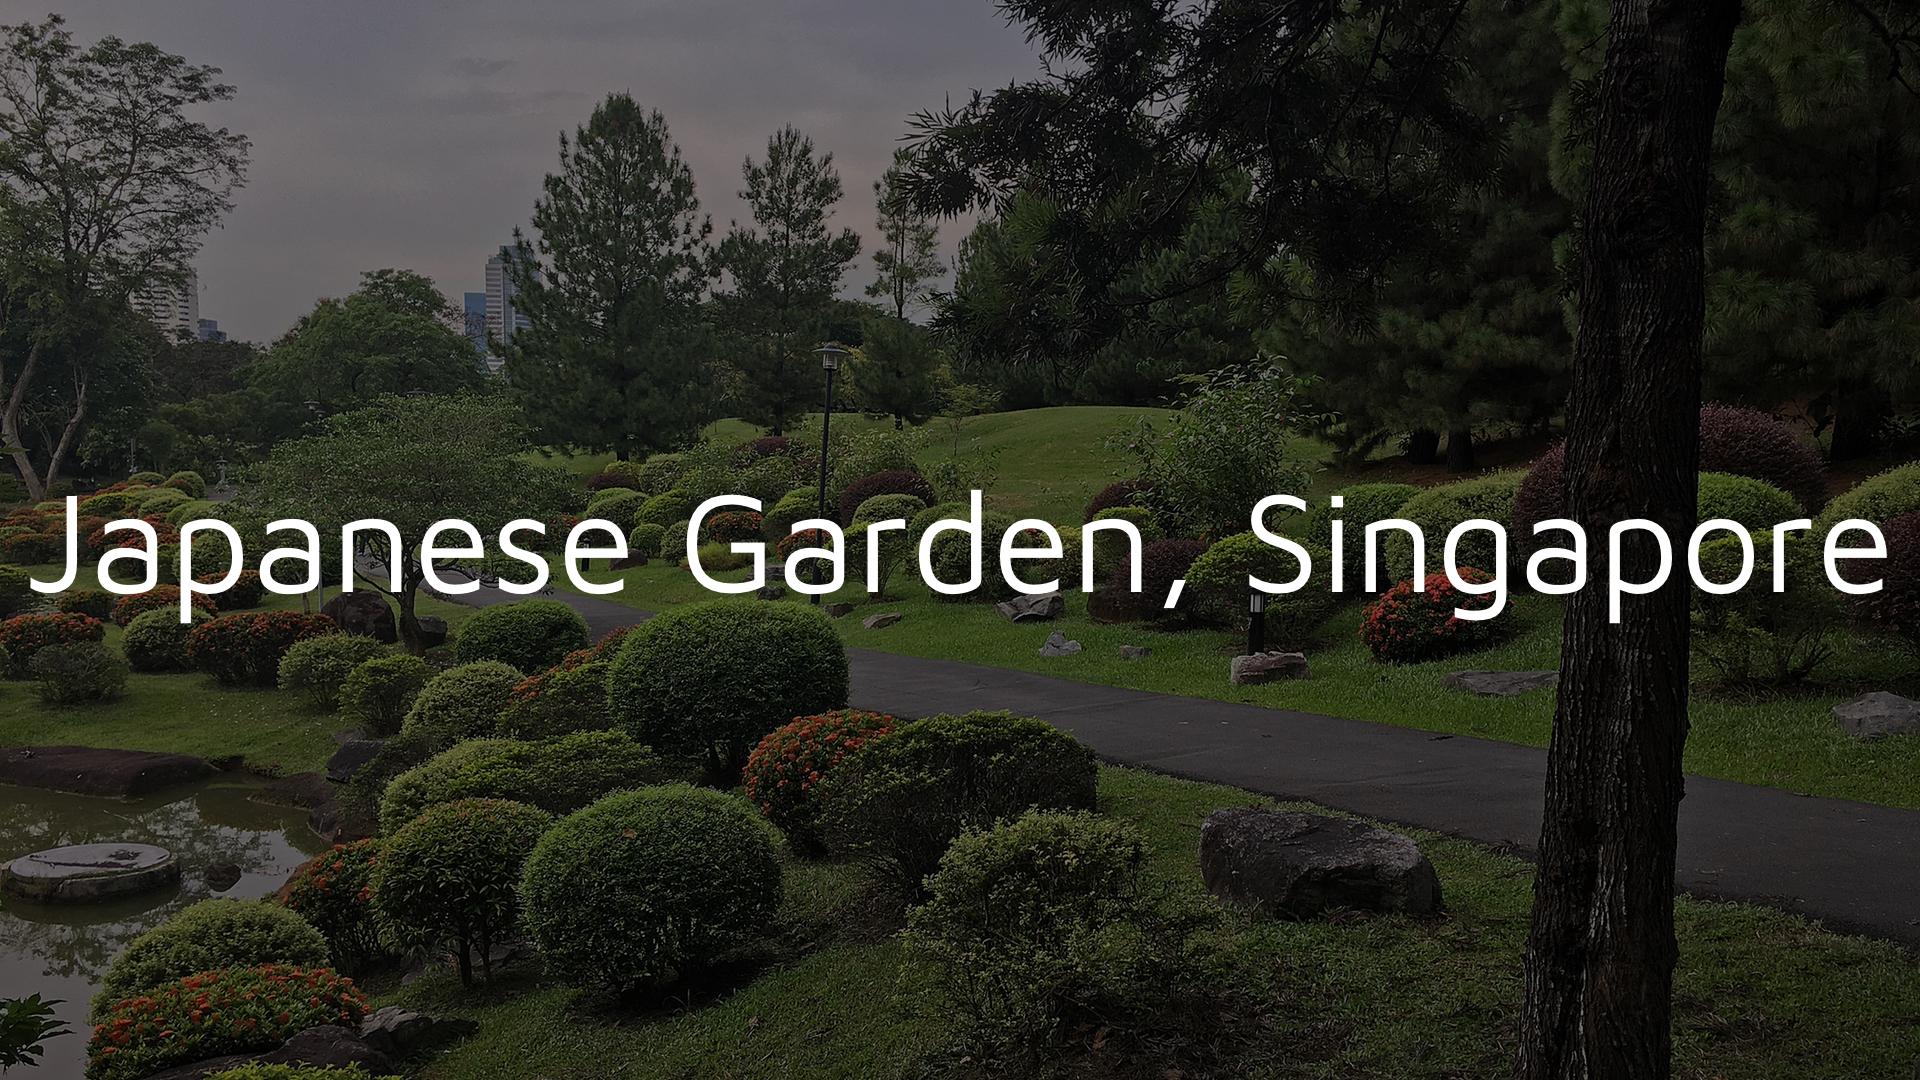 Japanese Garden Singapore 1920x1080 Dark